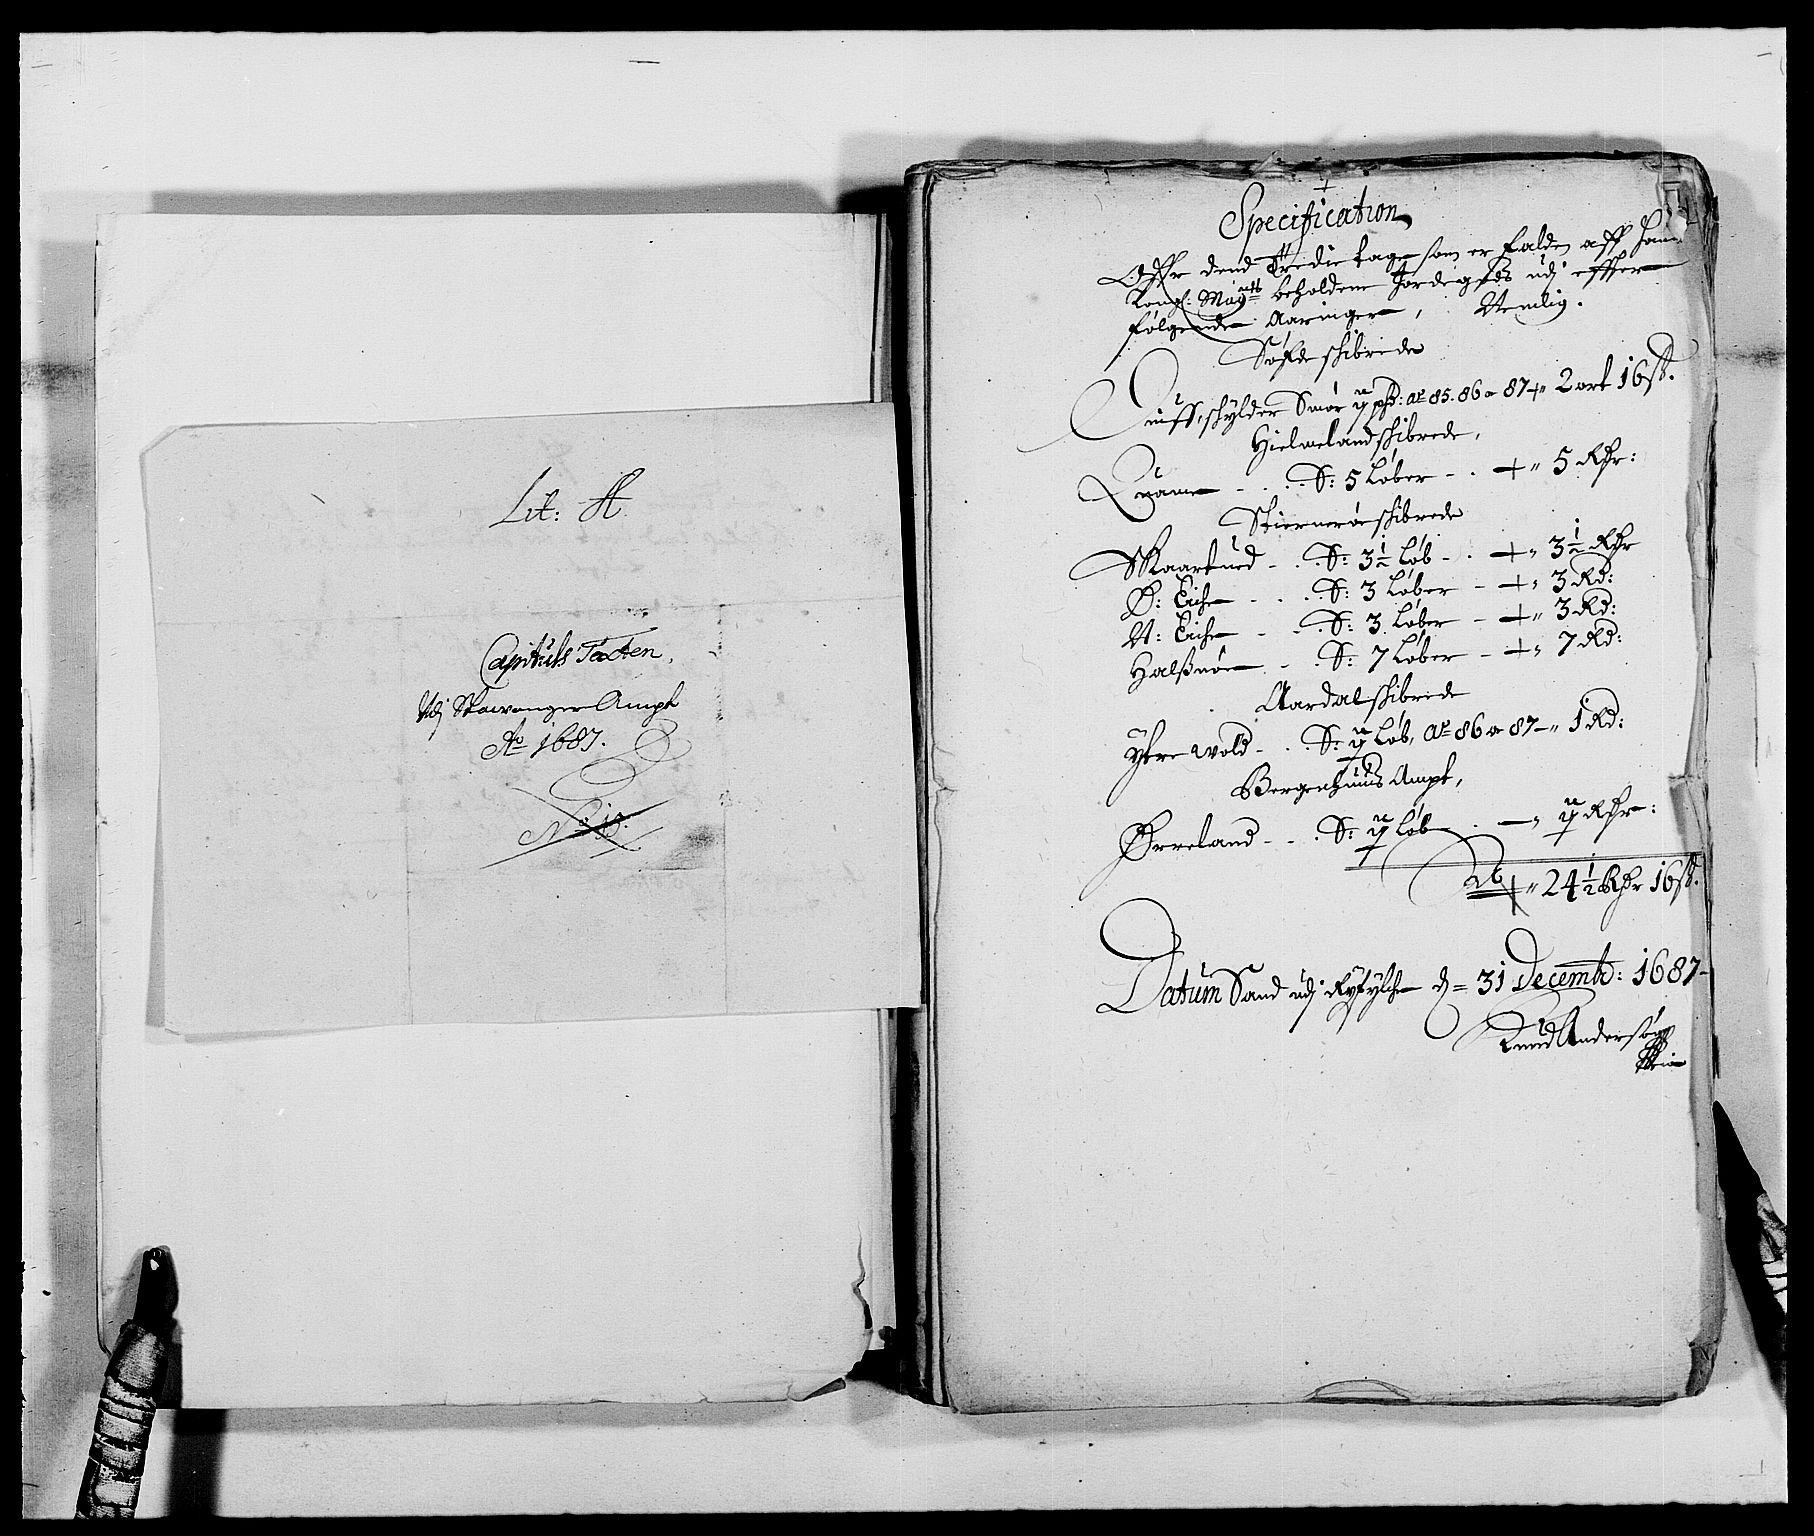 RA, Rentekammeret inntil 1814, Reviderte regnskaper, Fogderegnskap, R47/L2855: Fogderegnskap Ryfylke, 1685-1688, s. 236